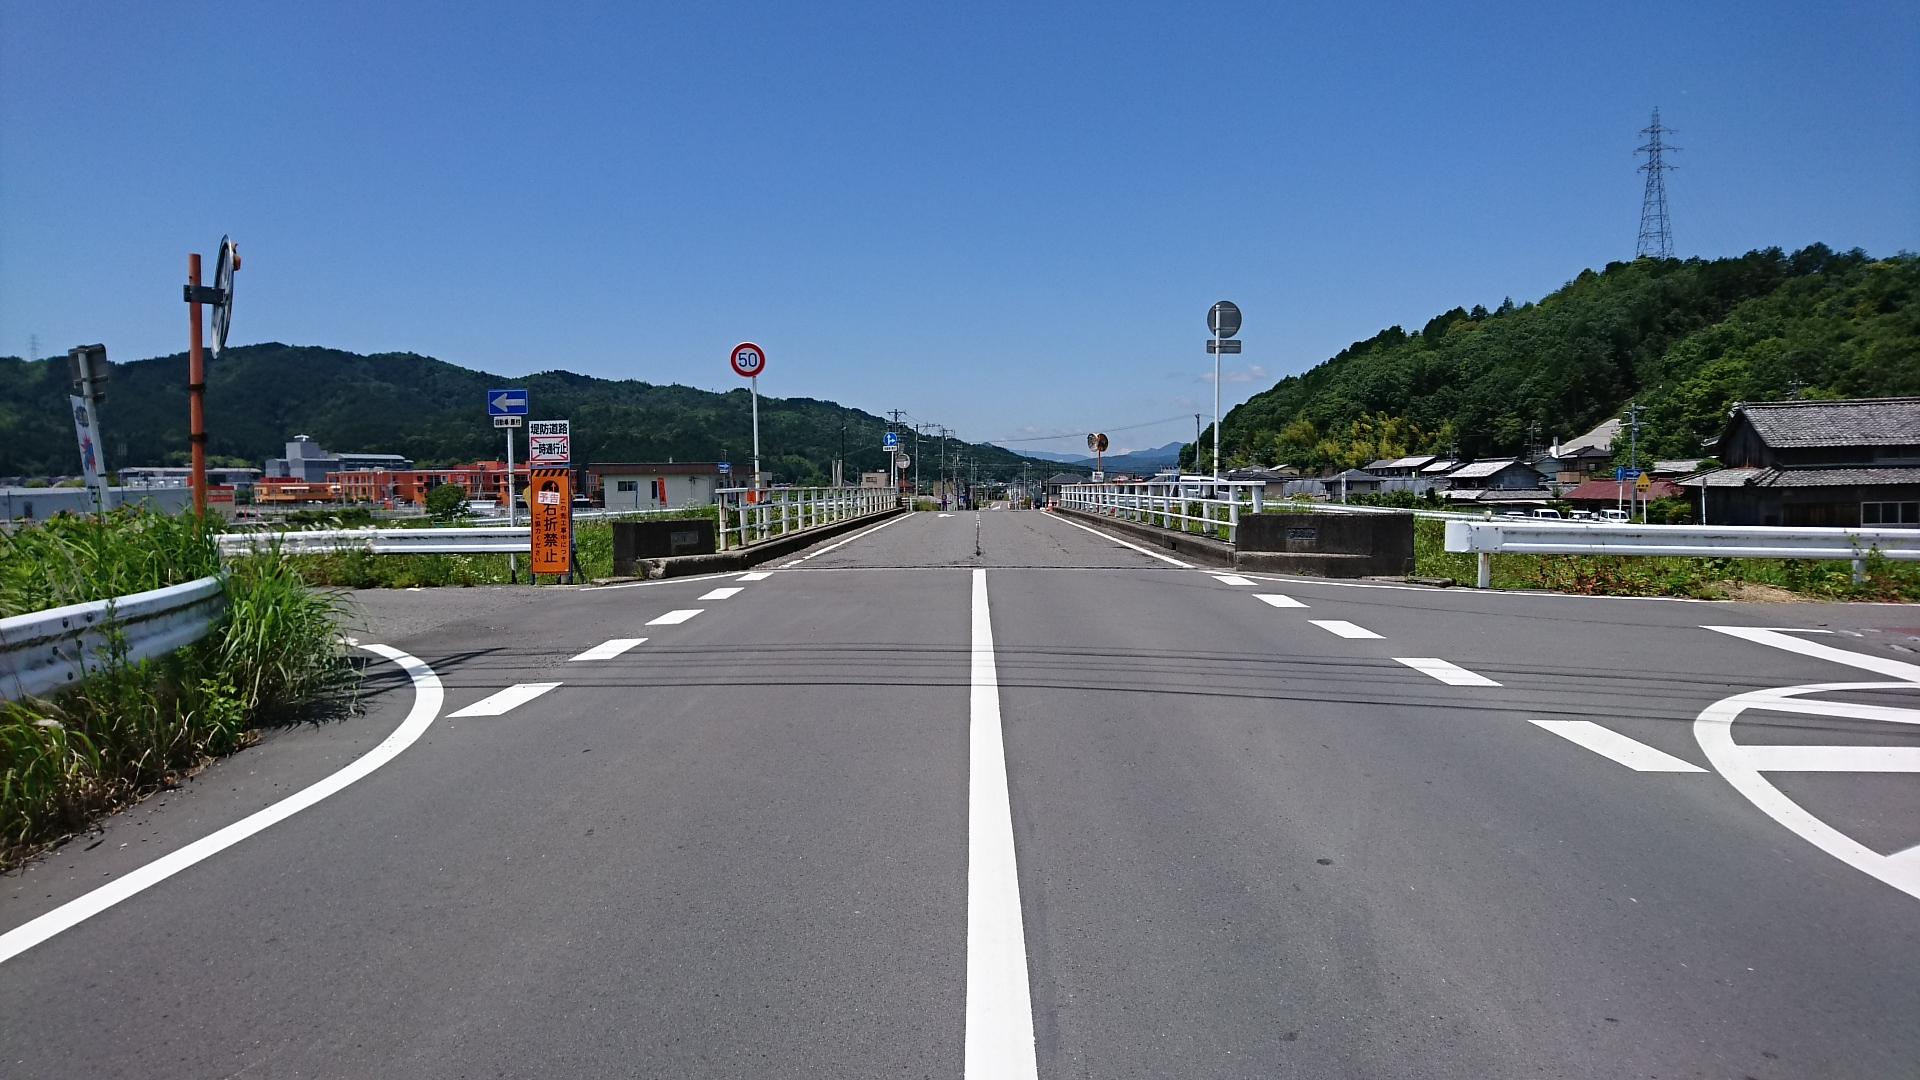 2018.6.1 岐阜 (65) 鳥羽川 - 富岡橋 1920-1080